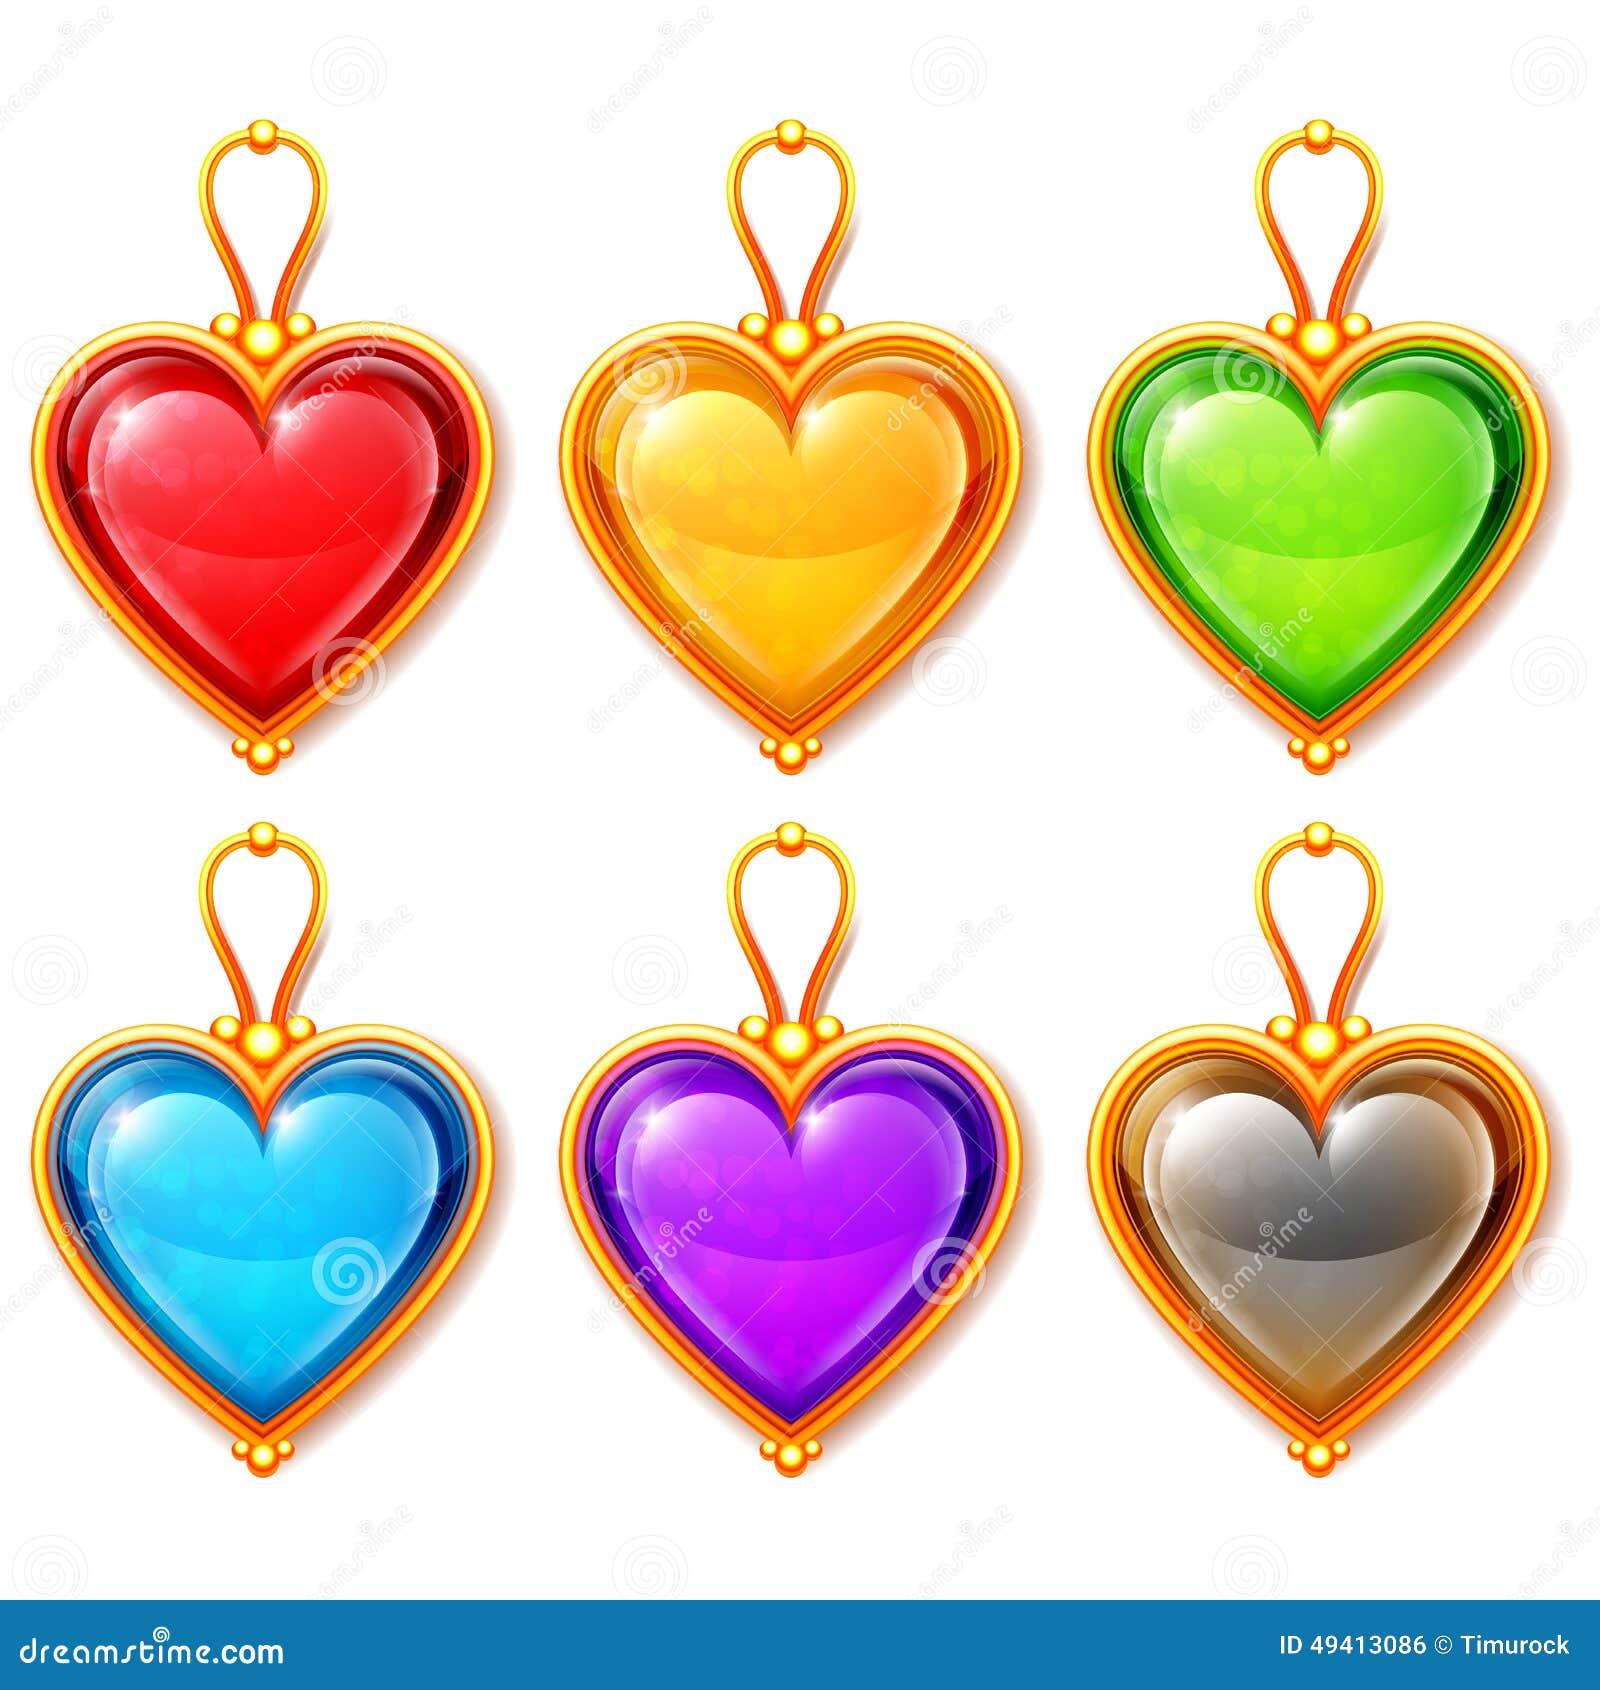 Download Herz-Anhänger vektor abbildung. Illustration von geschenk - 49413086